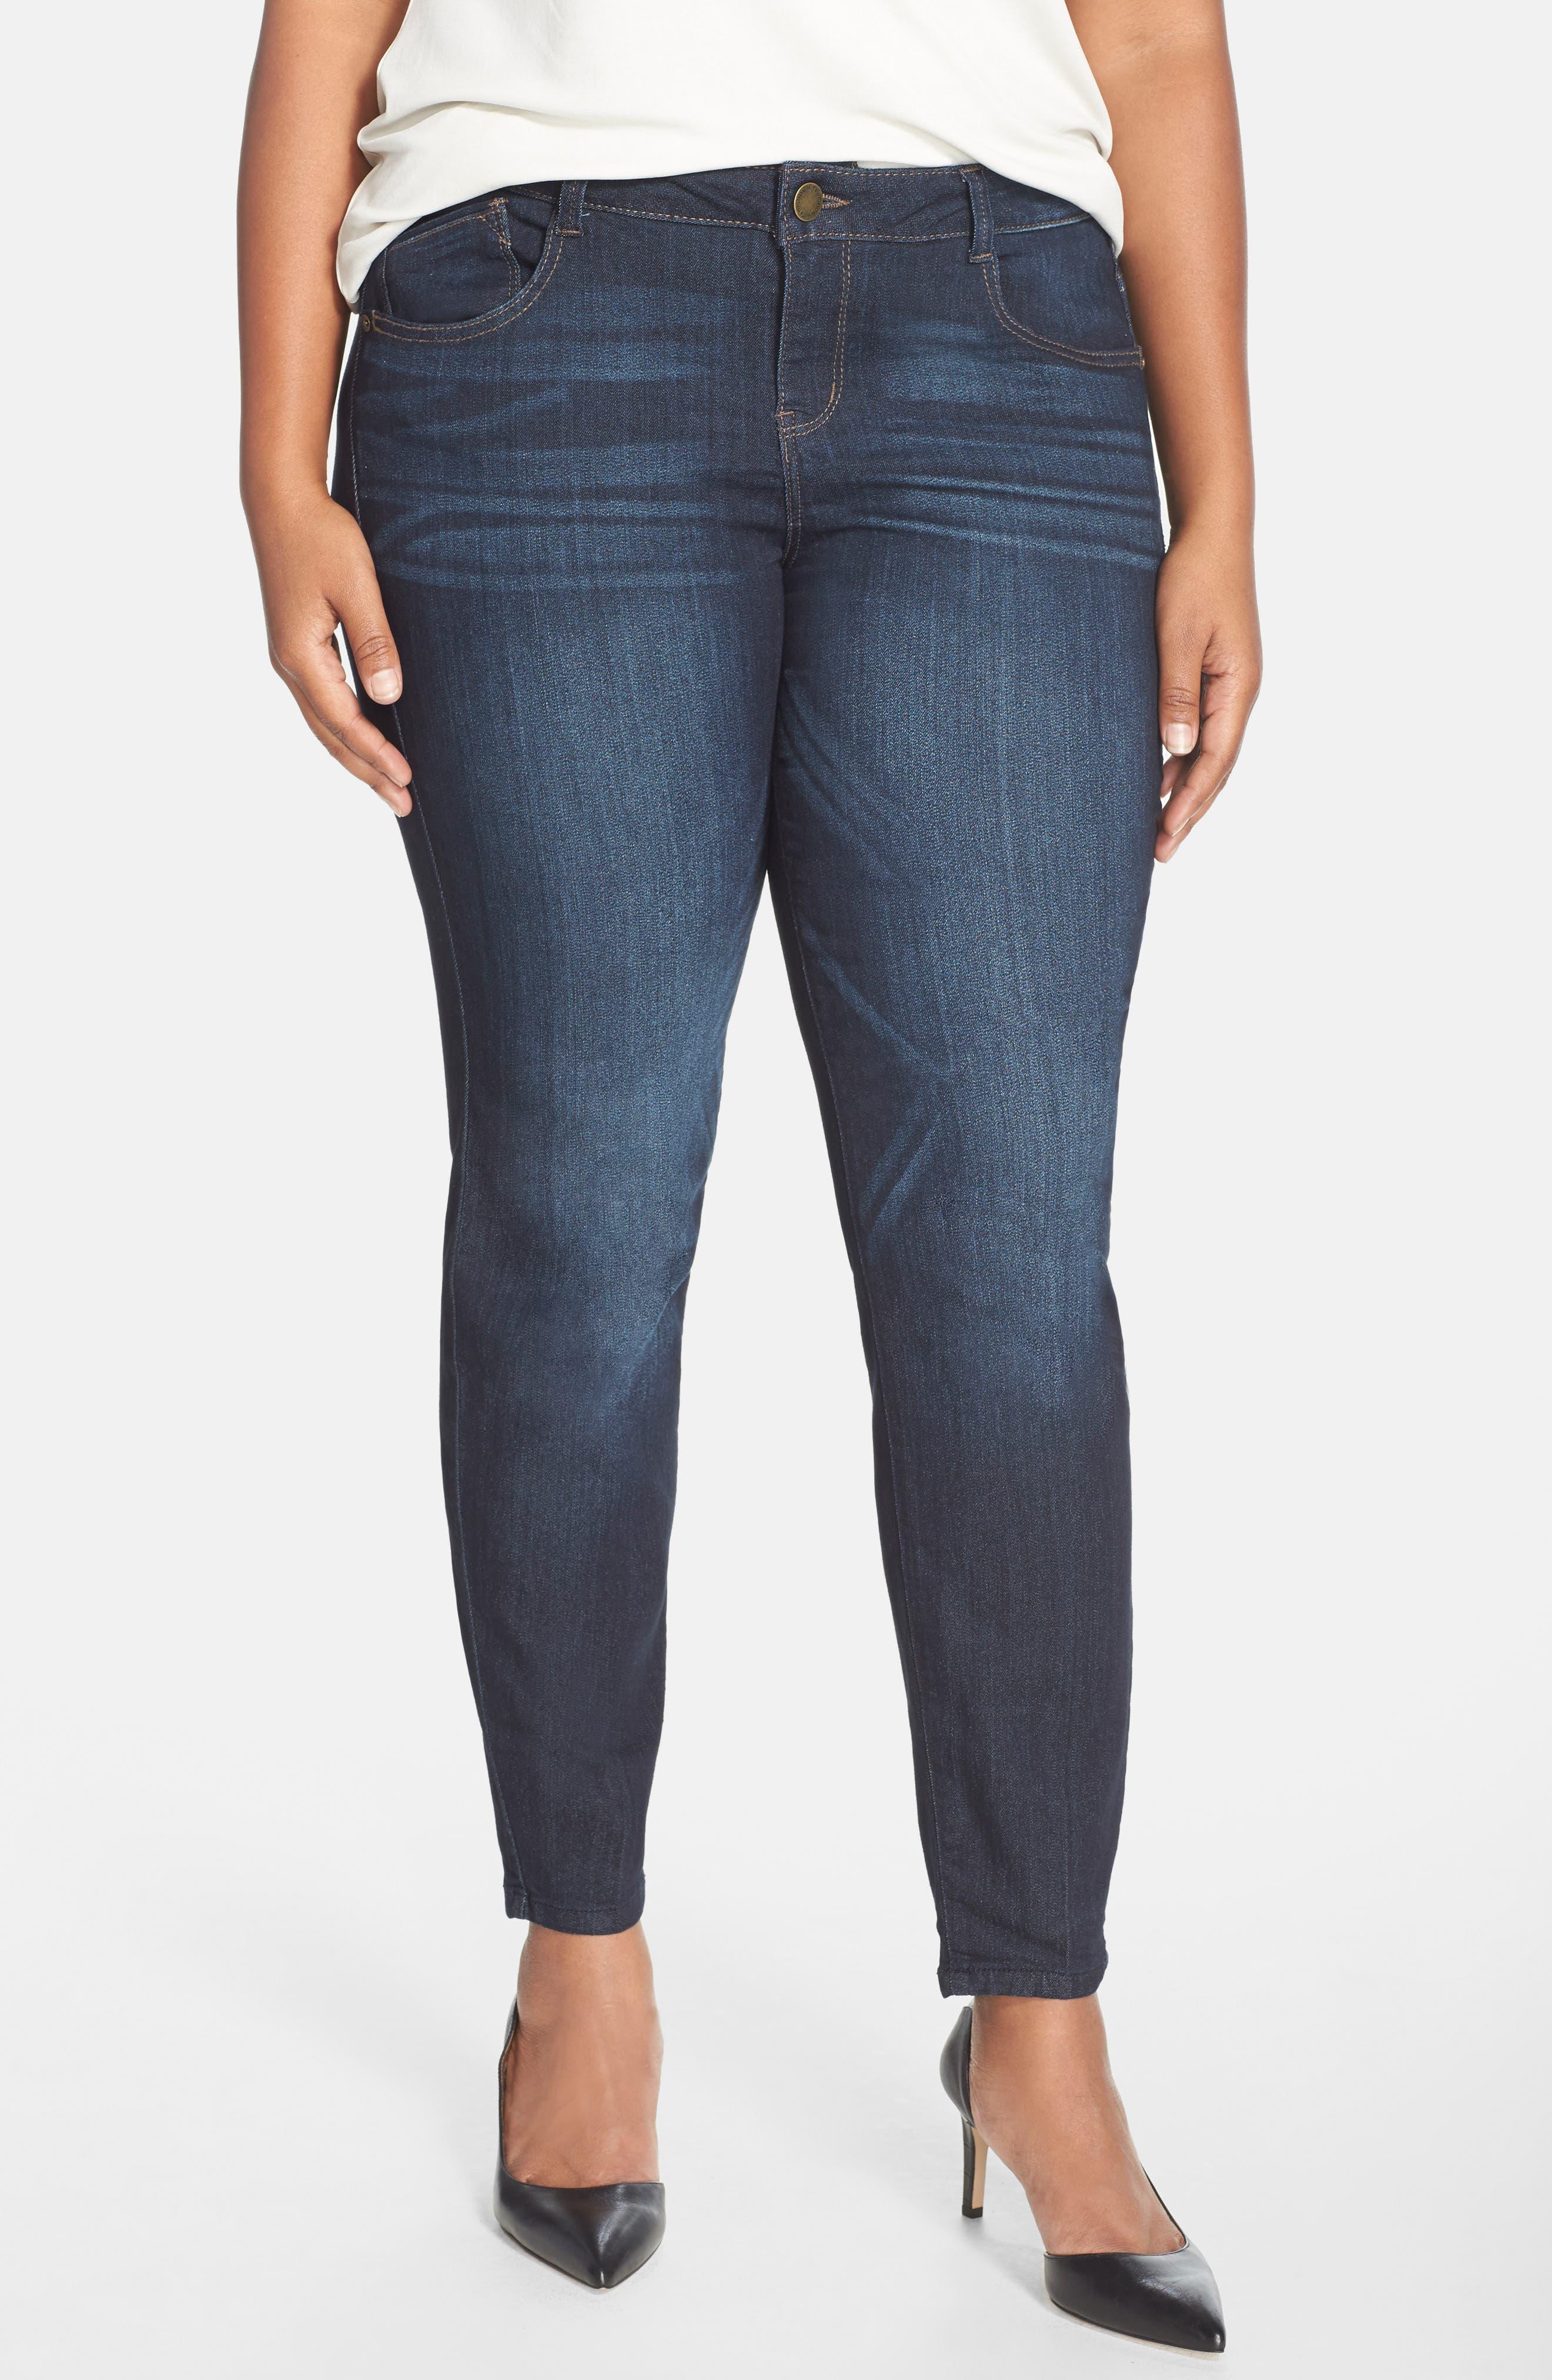 Plus Women's Wit & Wisdom 'Super Smooth' Stretch Skinny Jeans